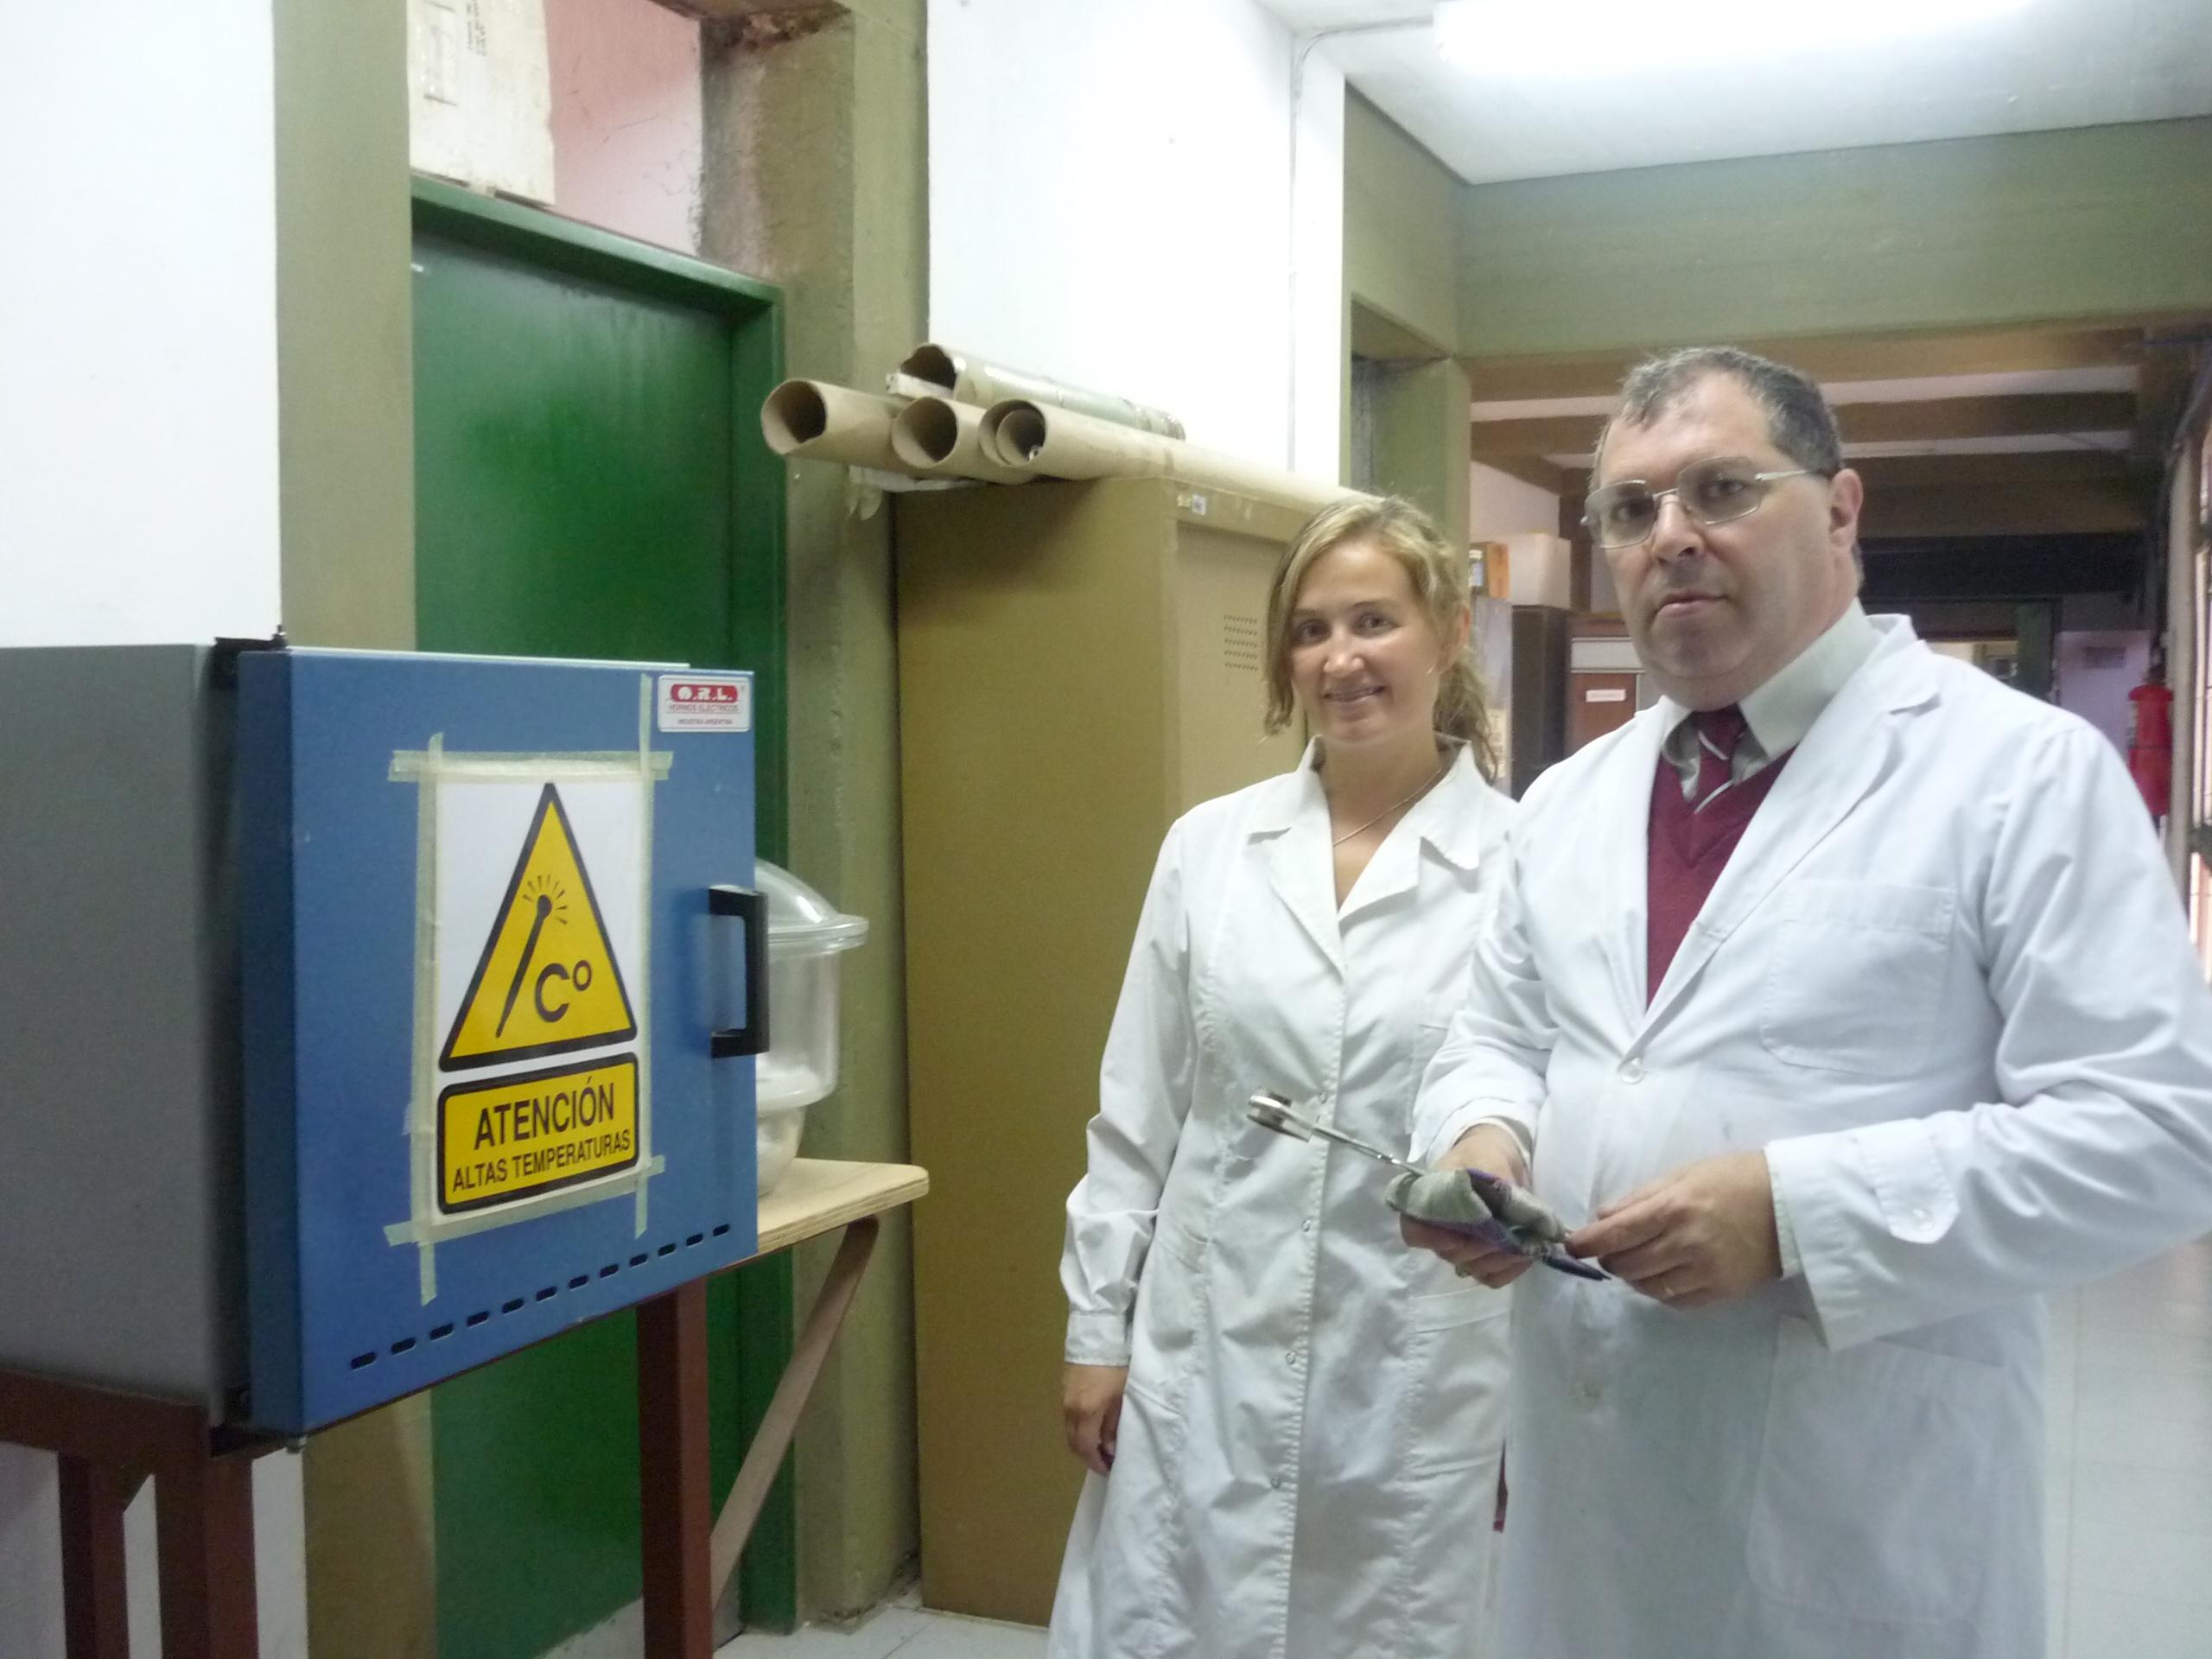 María Celeste Gardey Merino y su codirector Gustavo Lascalea, del LISAMEN